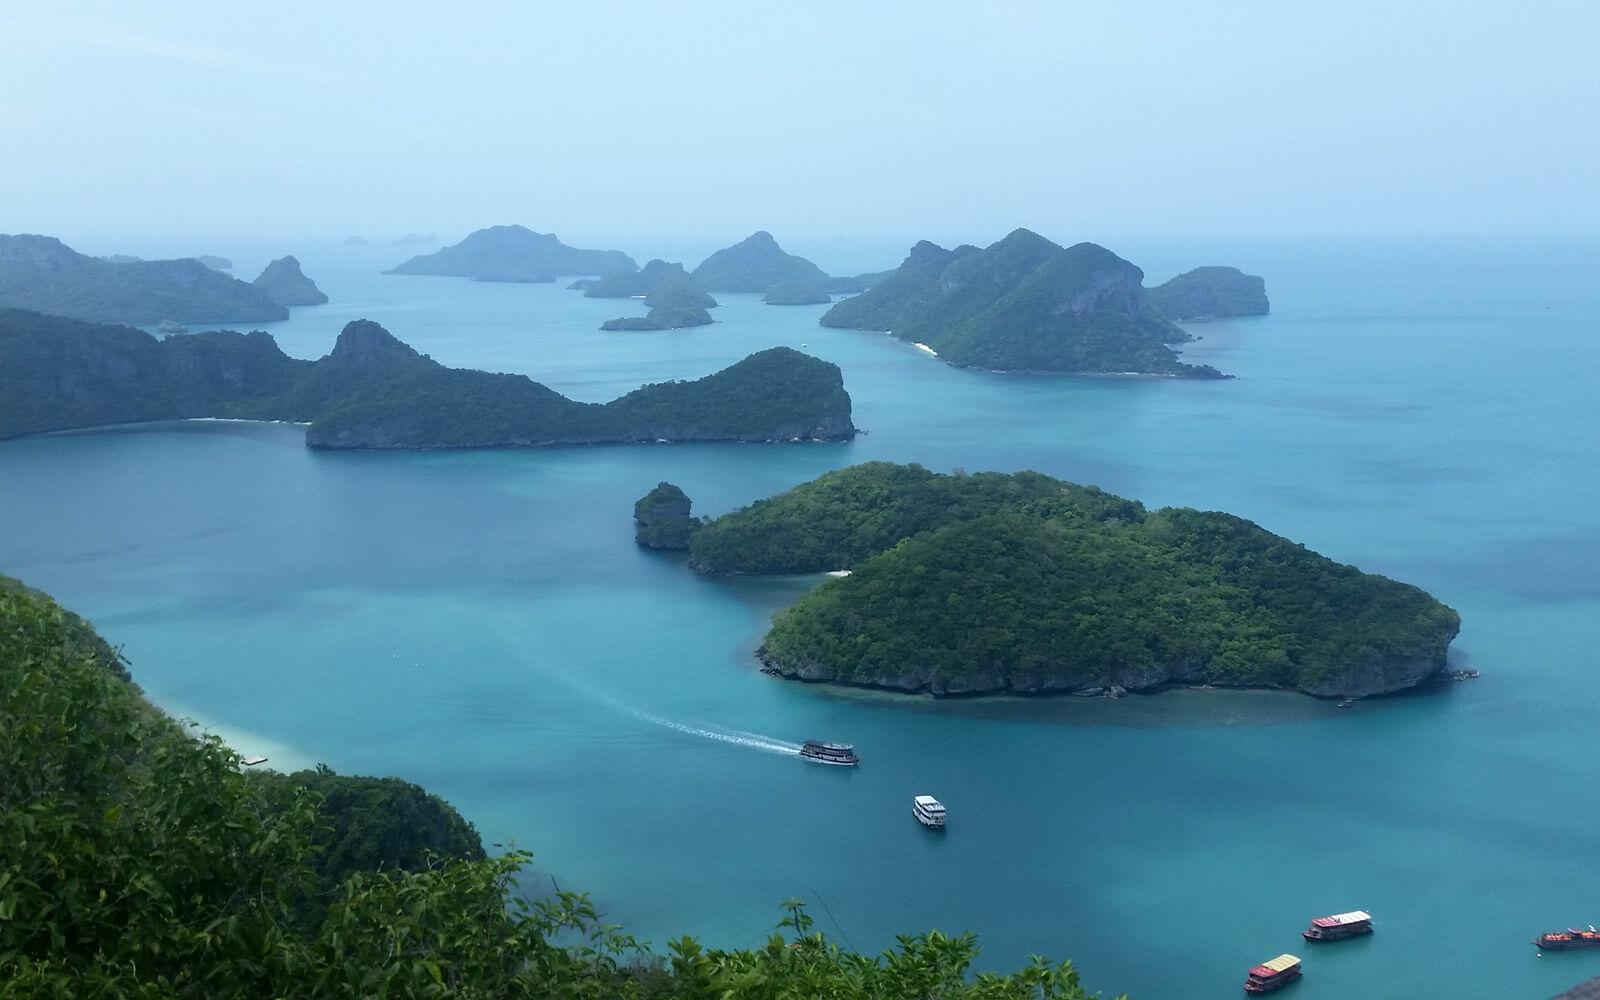 Ausblick vom View Point auf Koh Samui, Thailand